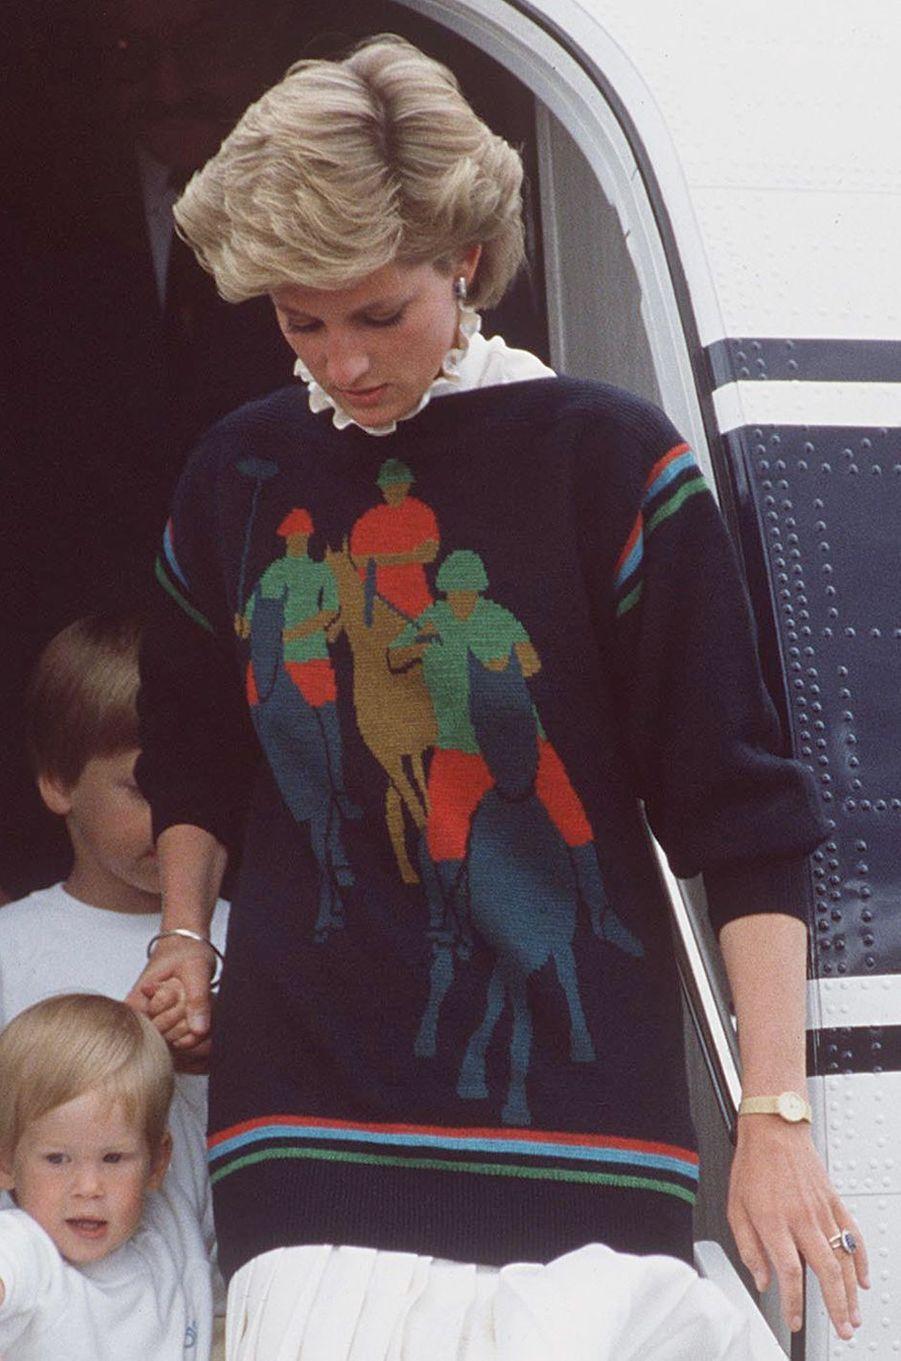 Le pull joueurs de polo de la princesse Diana, le 16 août 1986